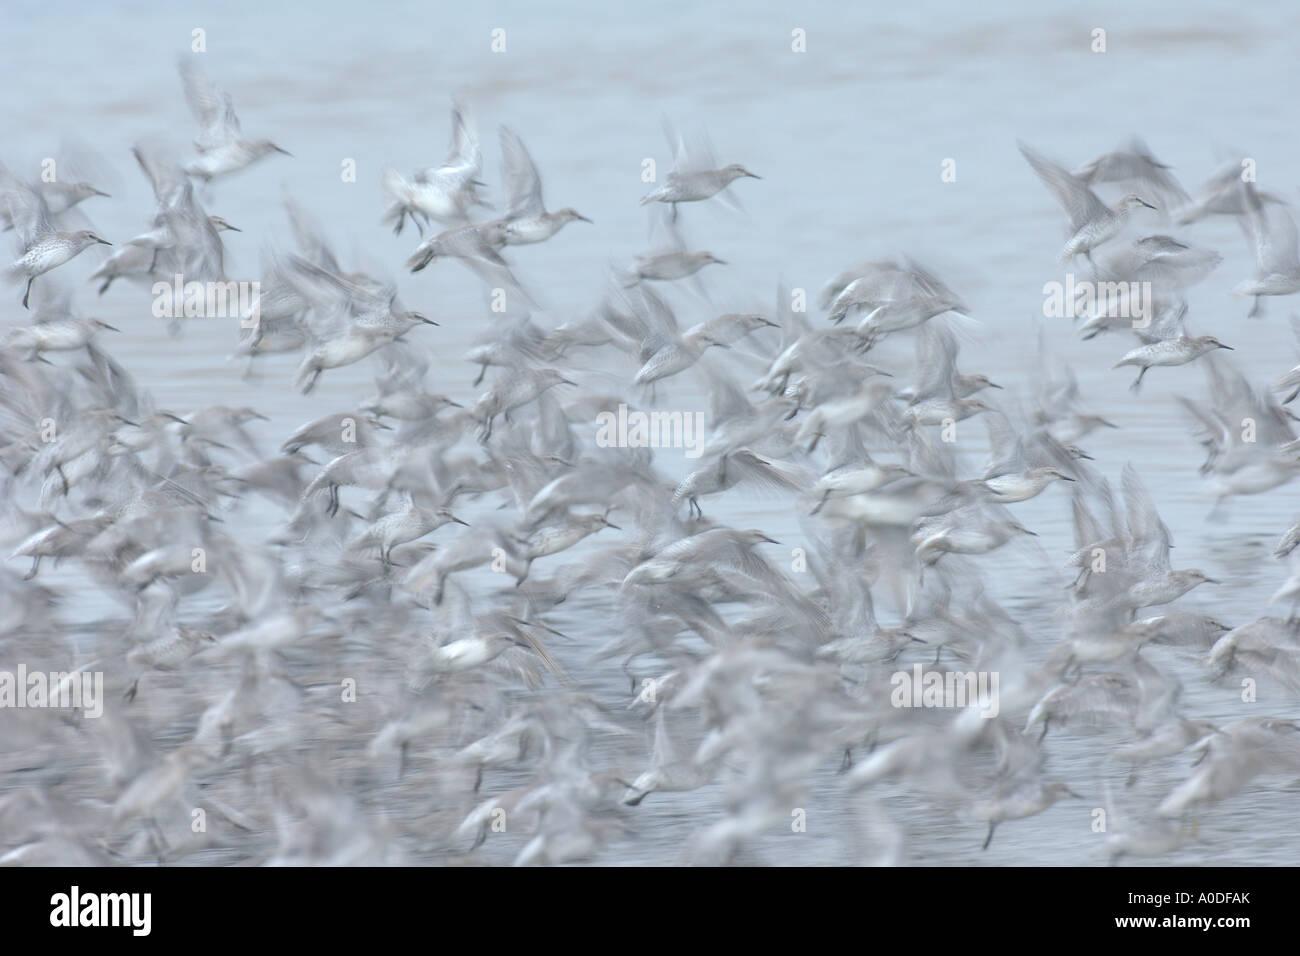 Gregge di piumaggio invernale knot Calidris canutus in volo Snettisham RSPB riserva Norfolk Inghilterra Ottobre Immagini Stock